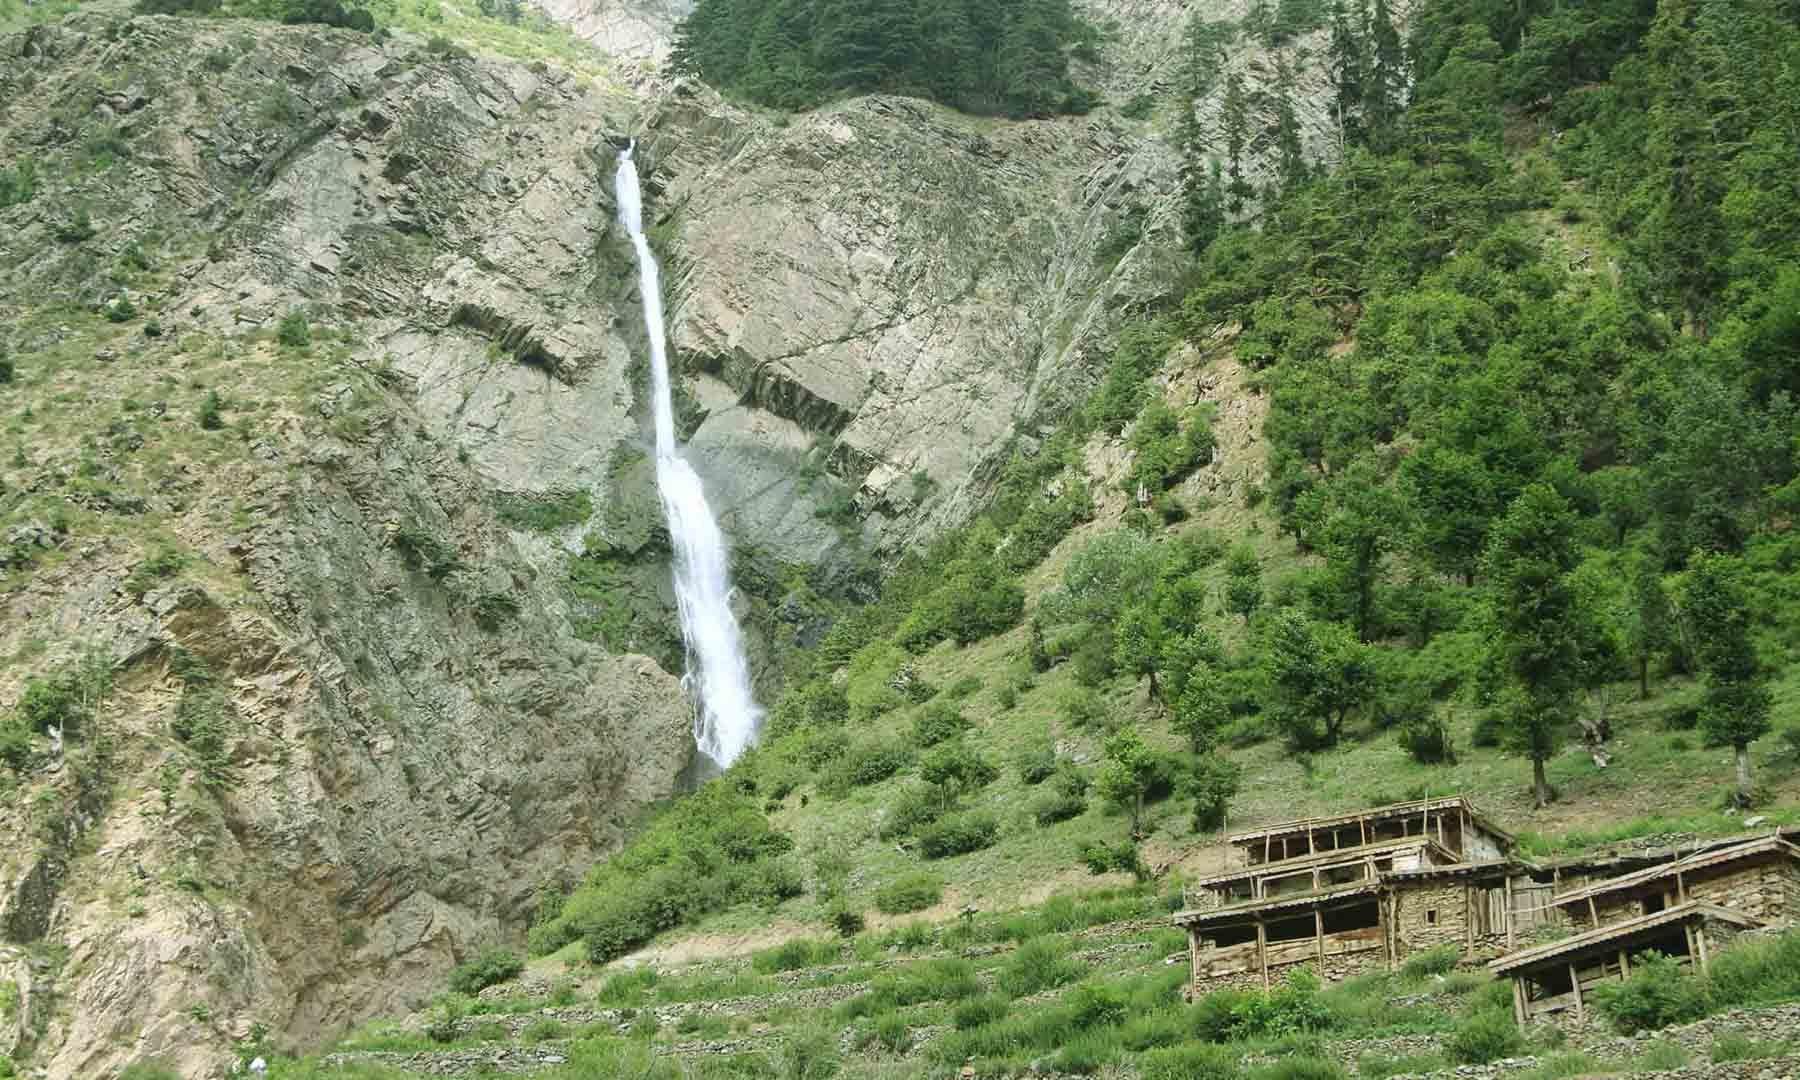 راستہ میں آنے والی سوات کی سب سے بڑی آبشار—تصویر امجد علی سحاب